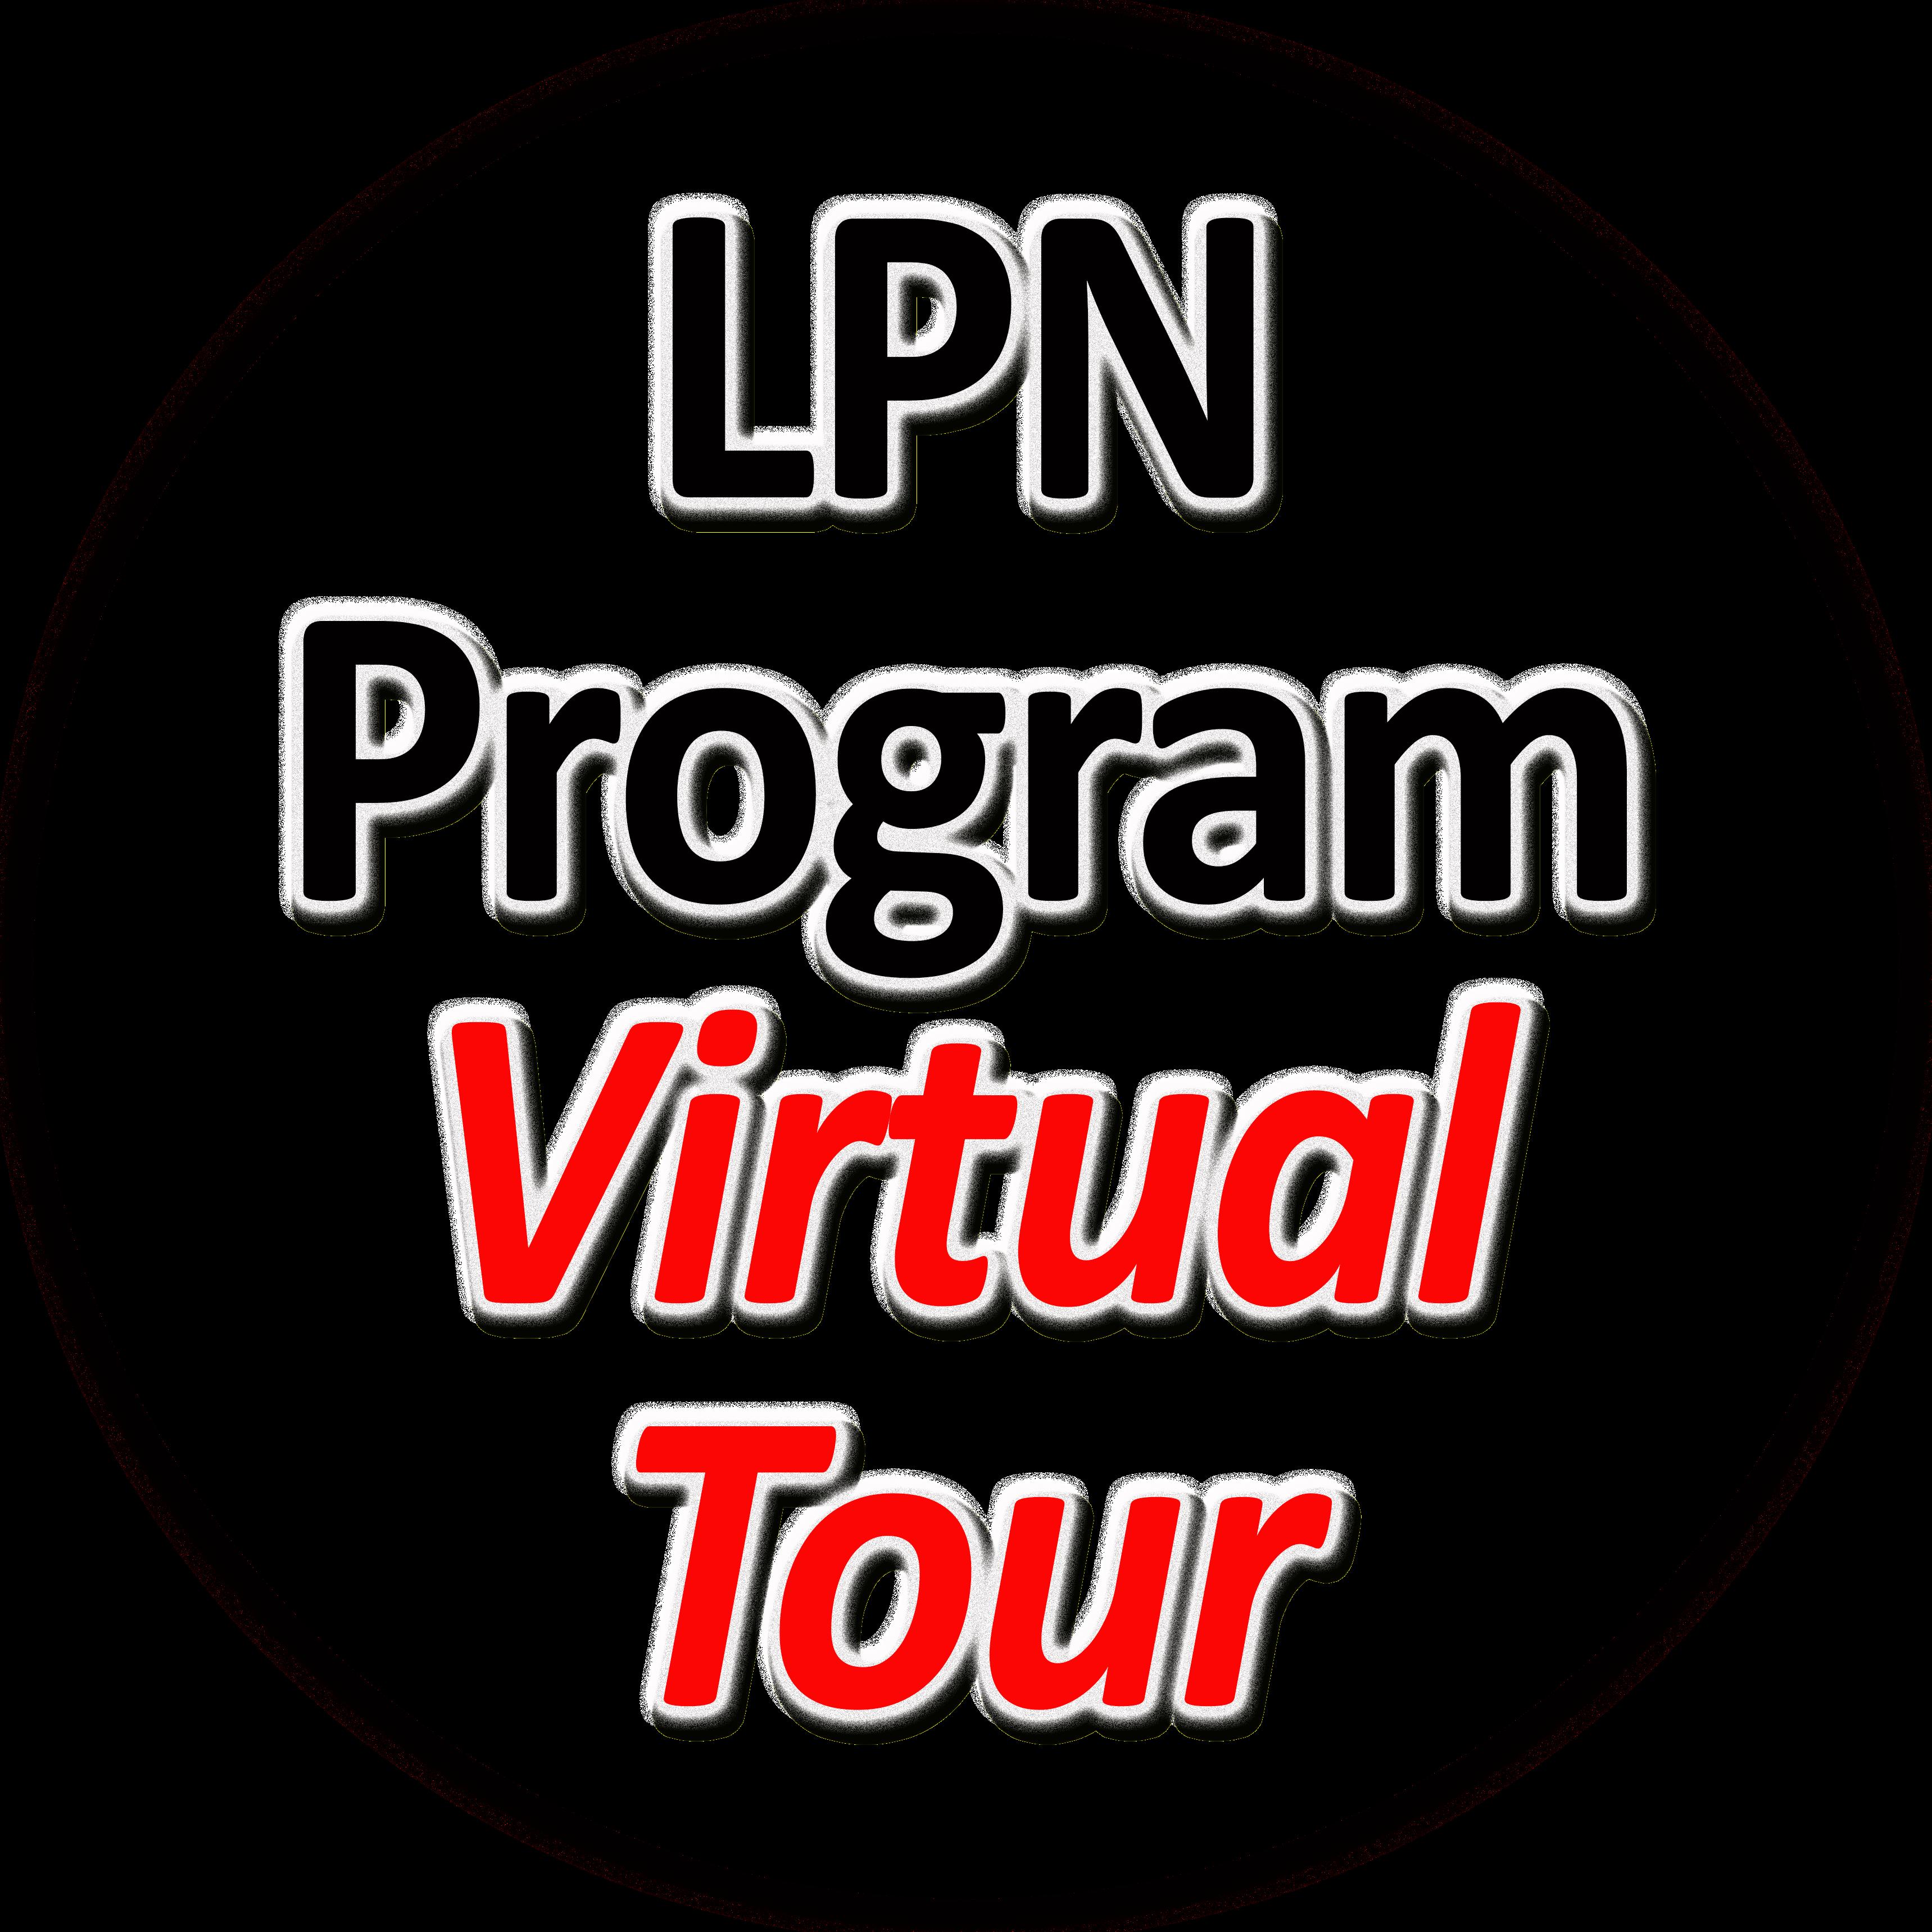 LPN Program Virtual Tour